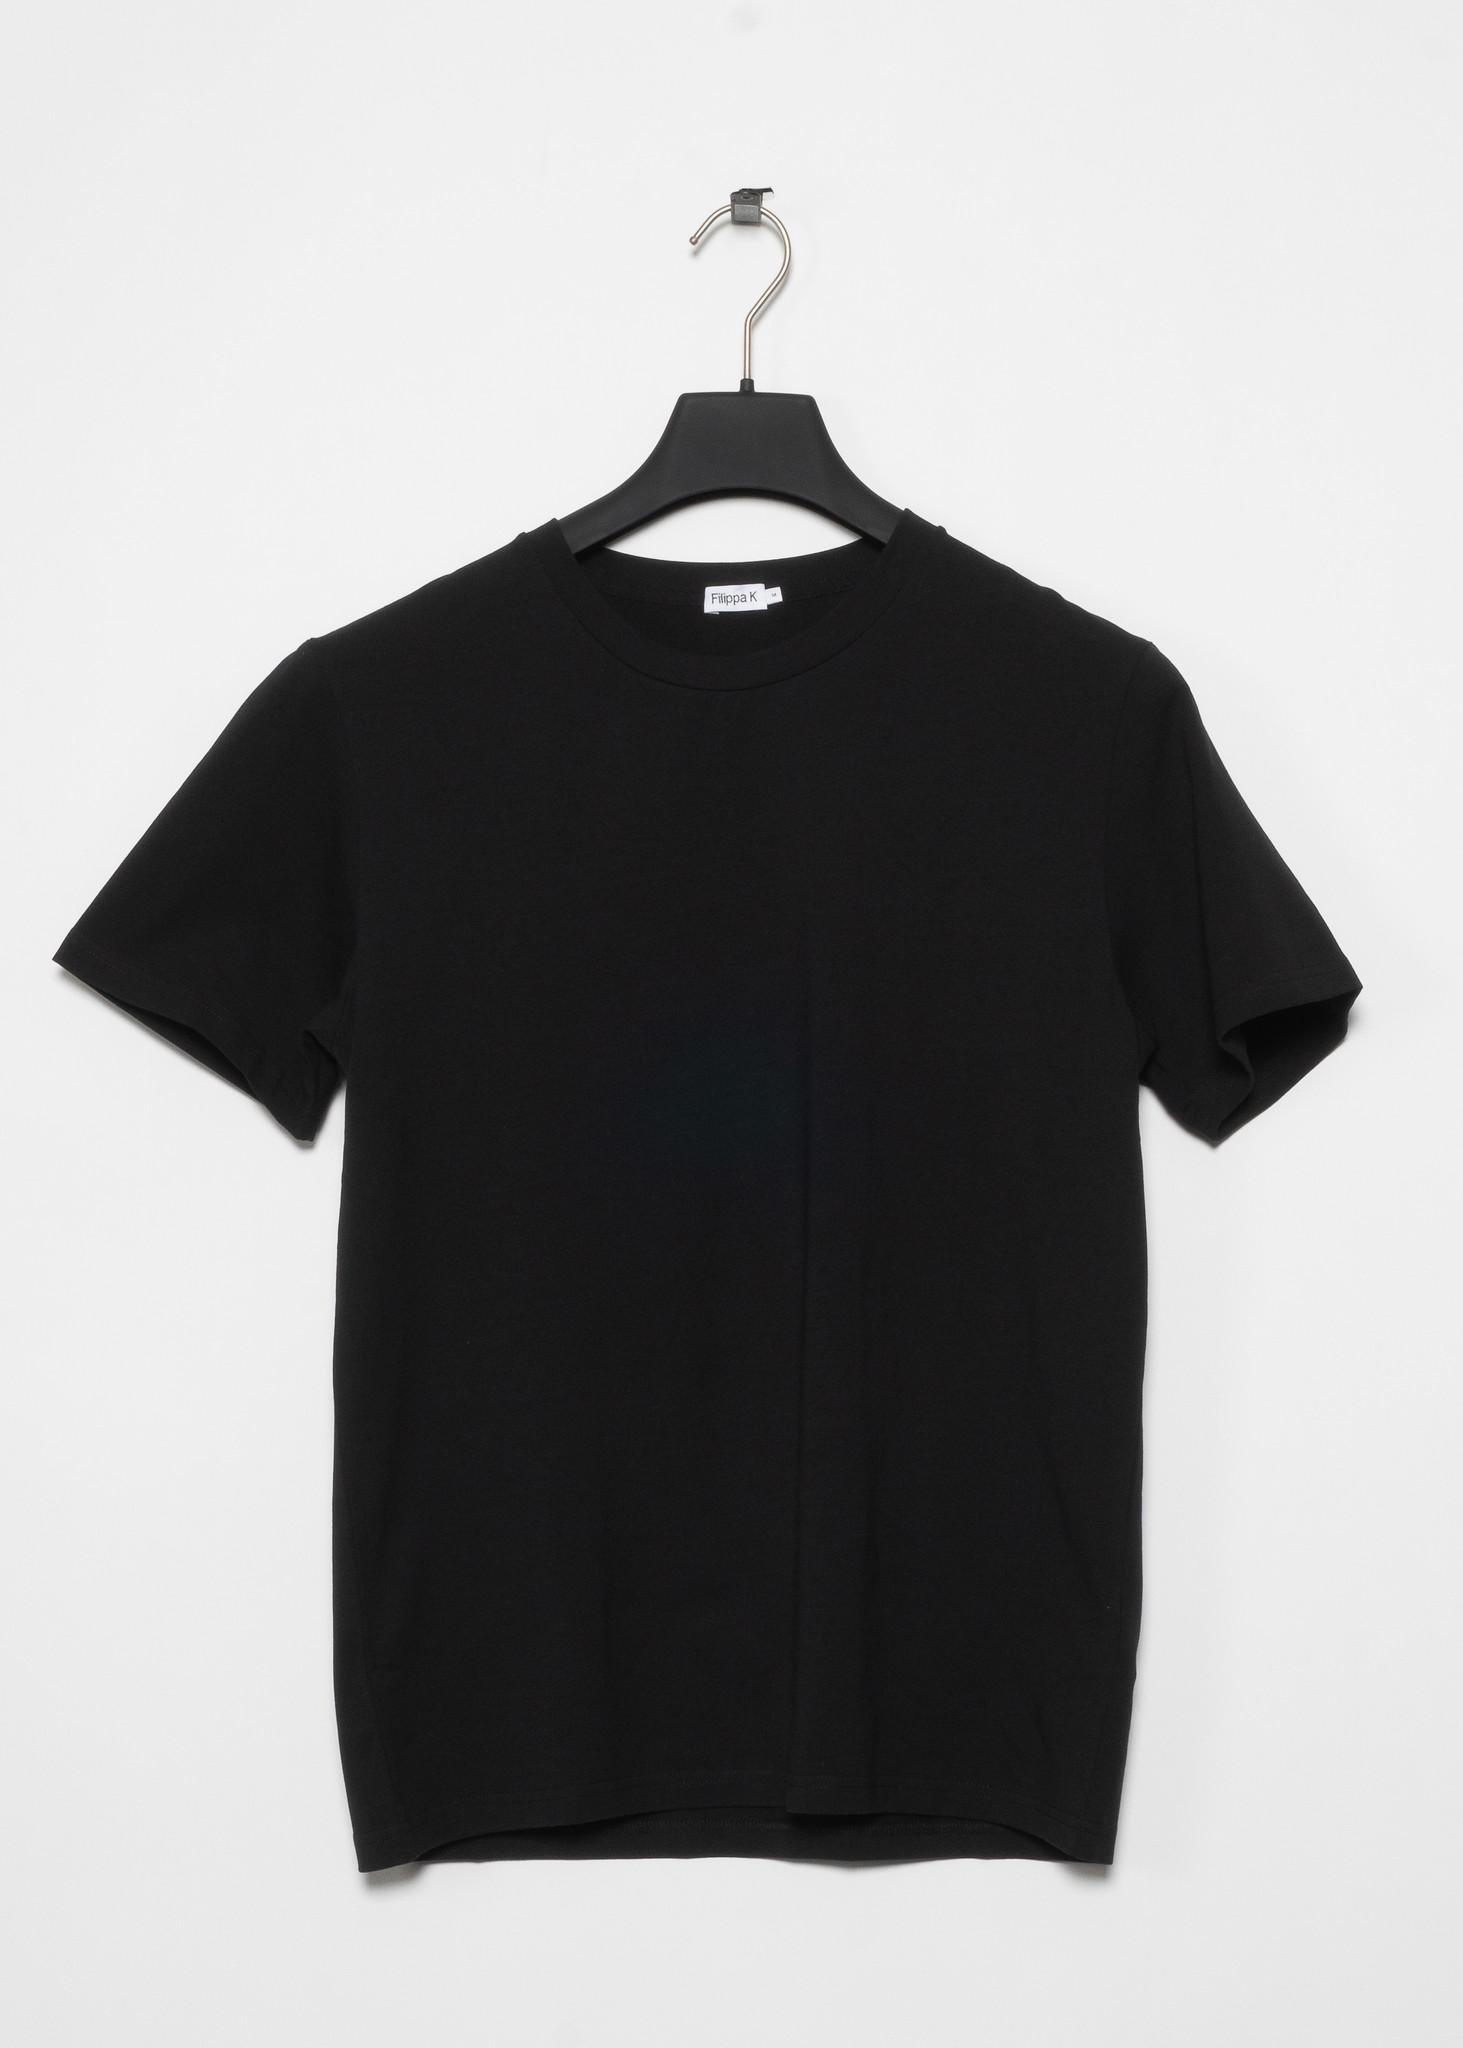 T-Shirt M. Lycra Noir